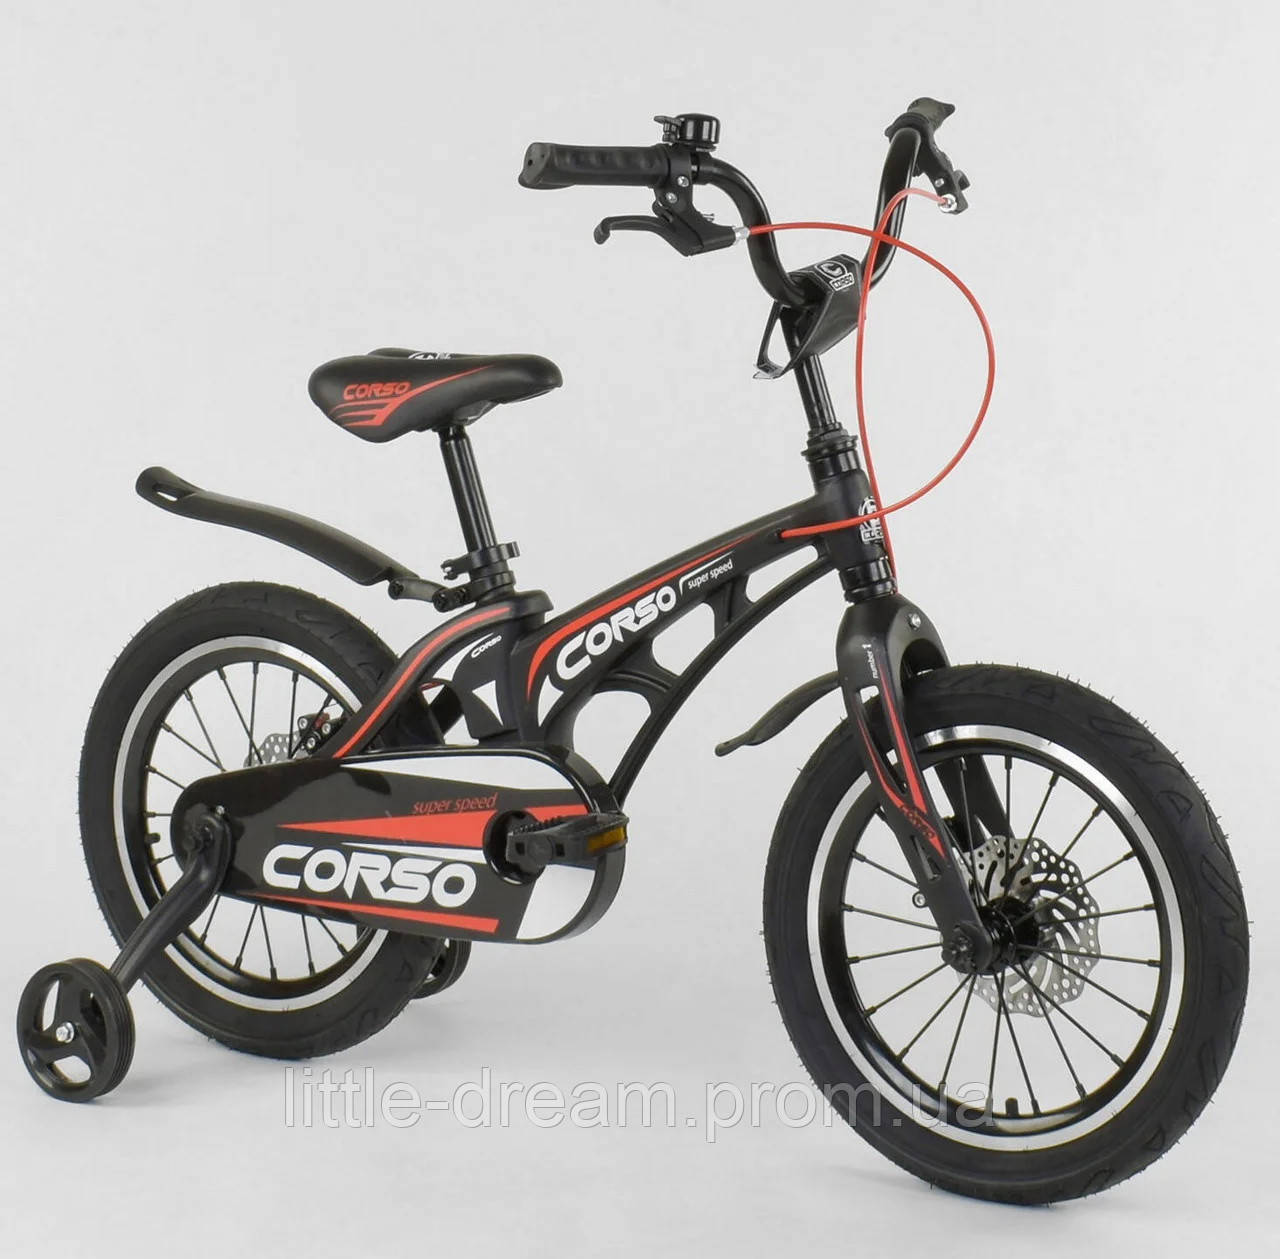 """Детский двухколёсный велосипед 18"""" магниевой рамой и алюминиевыми двойными дисками Corso MG-18 W 338 черный"""